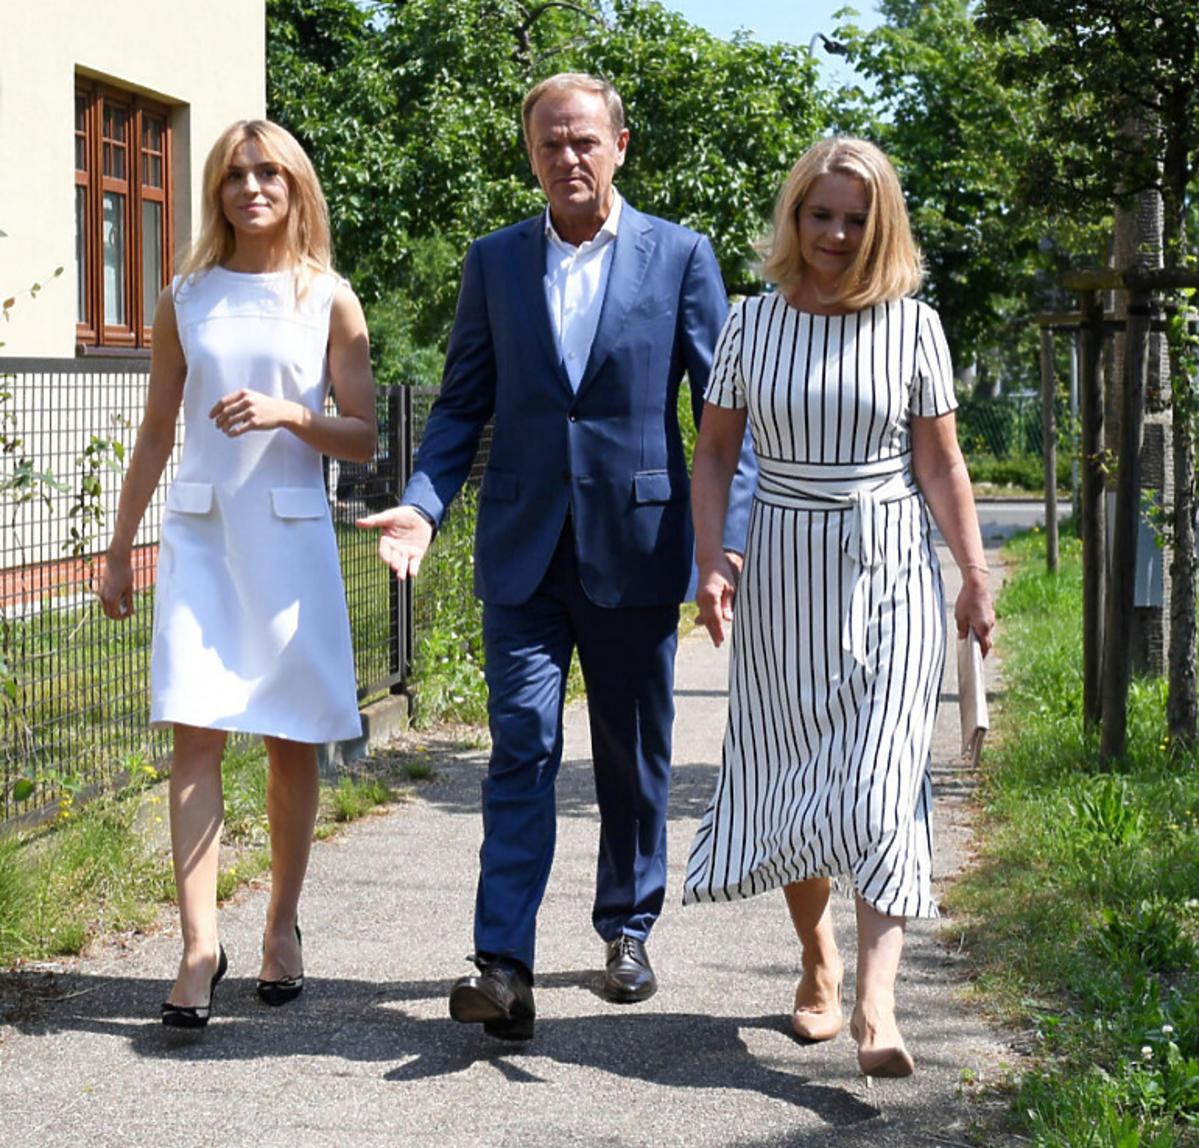 Kasia Tusk na wyborach w białej sukience